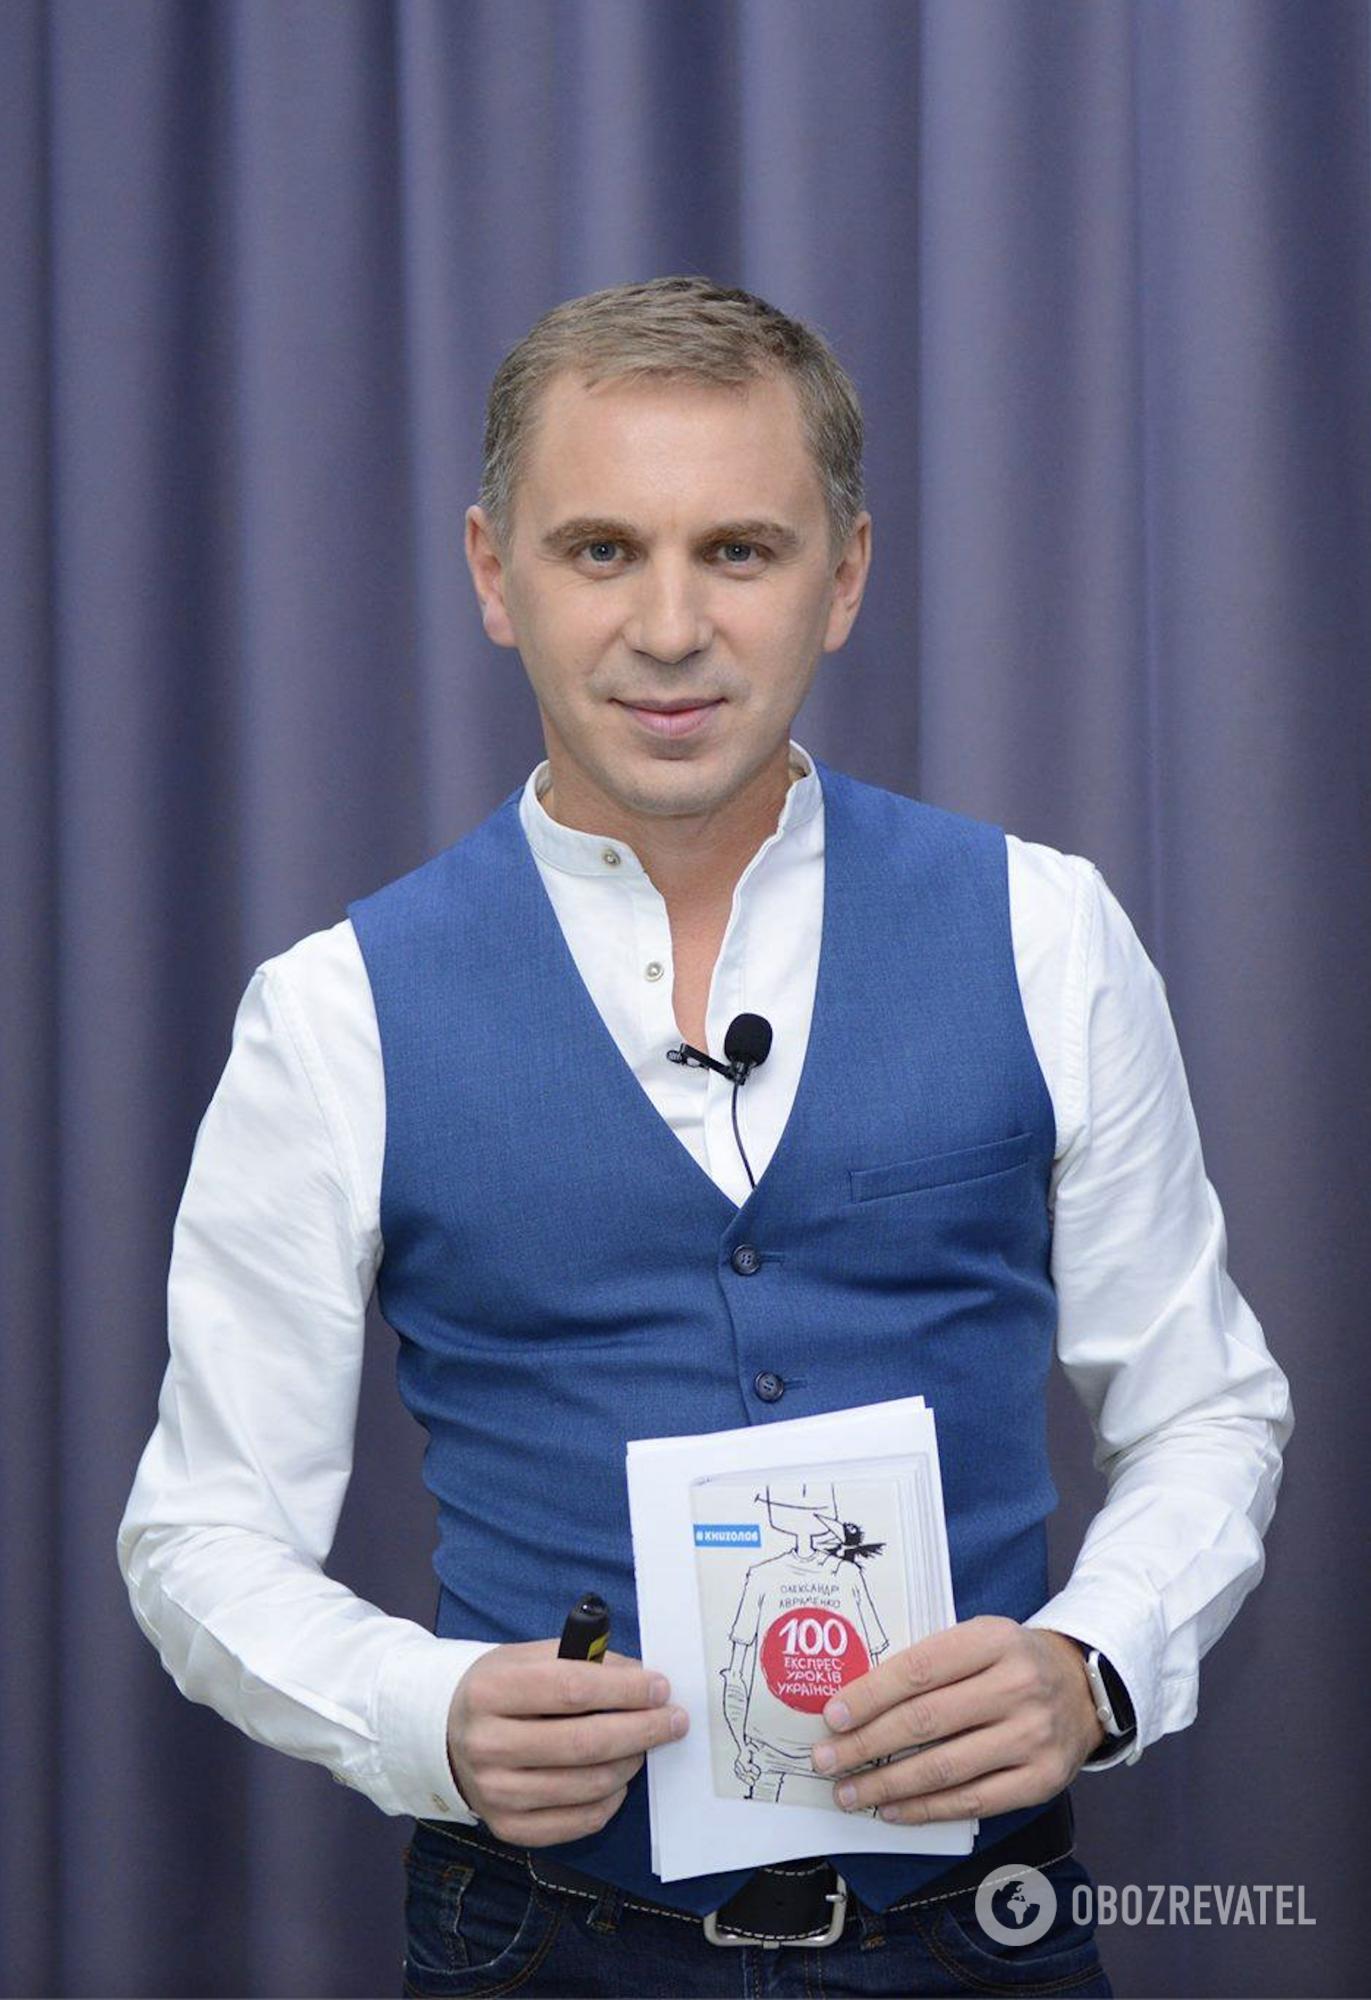 """Олександр Авраменко: """"Українська книжка повинна бути такою, по яку рука сама тягнеться""""."""